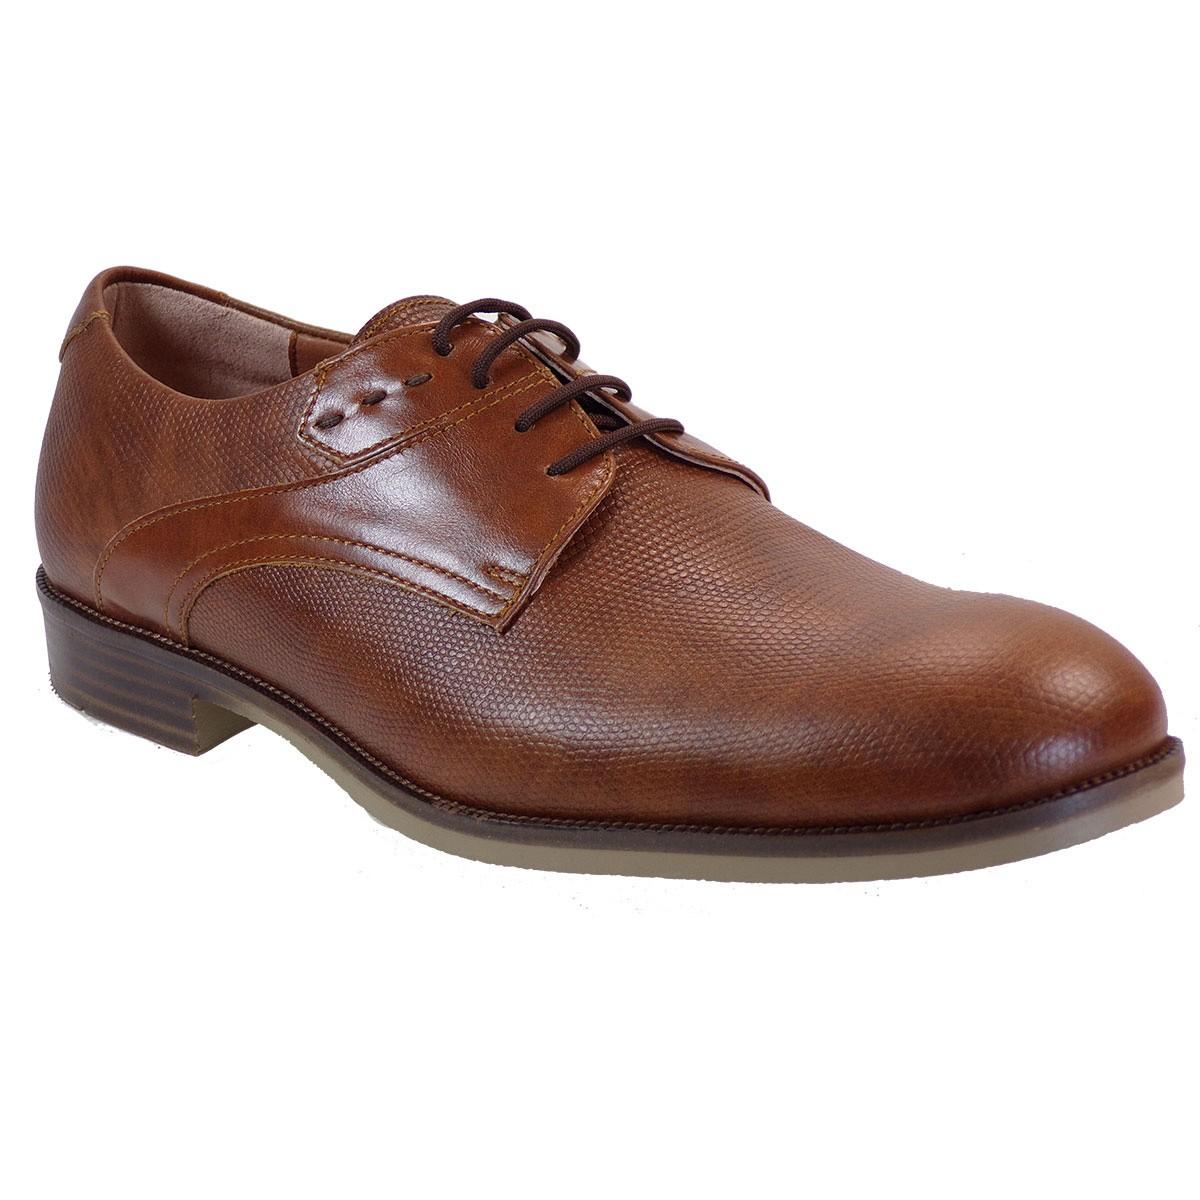 Commanchero Ανδρικά Παπούτσια 91706-926 Ταμπά Δέρμα